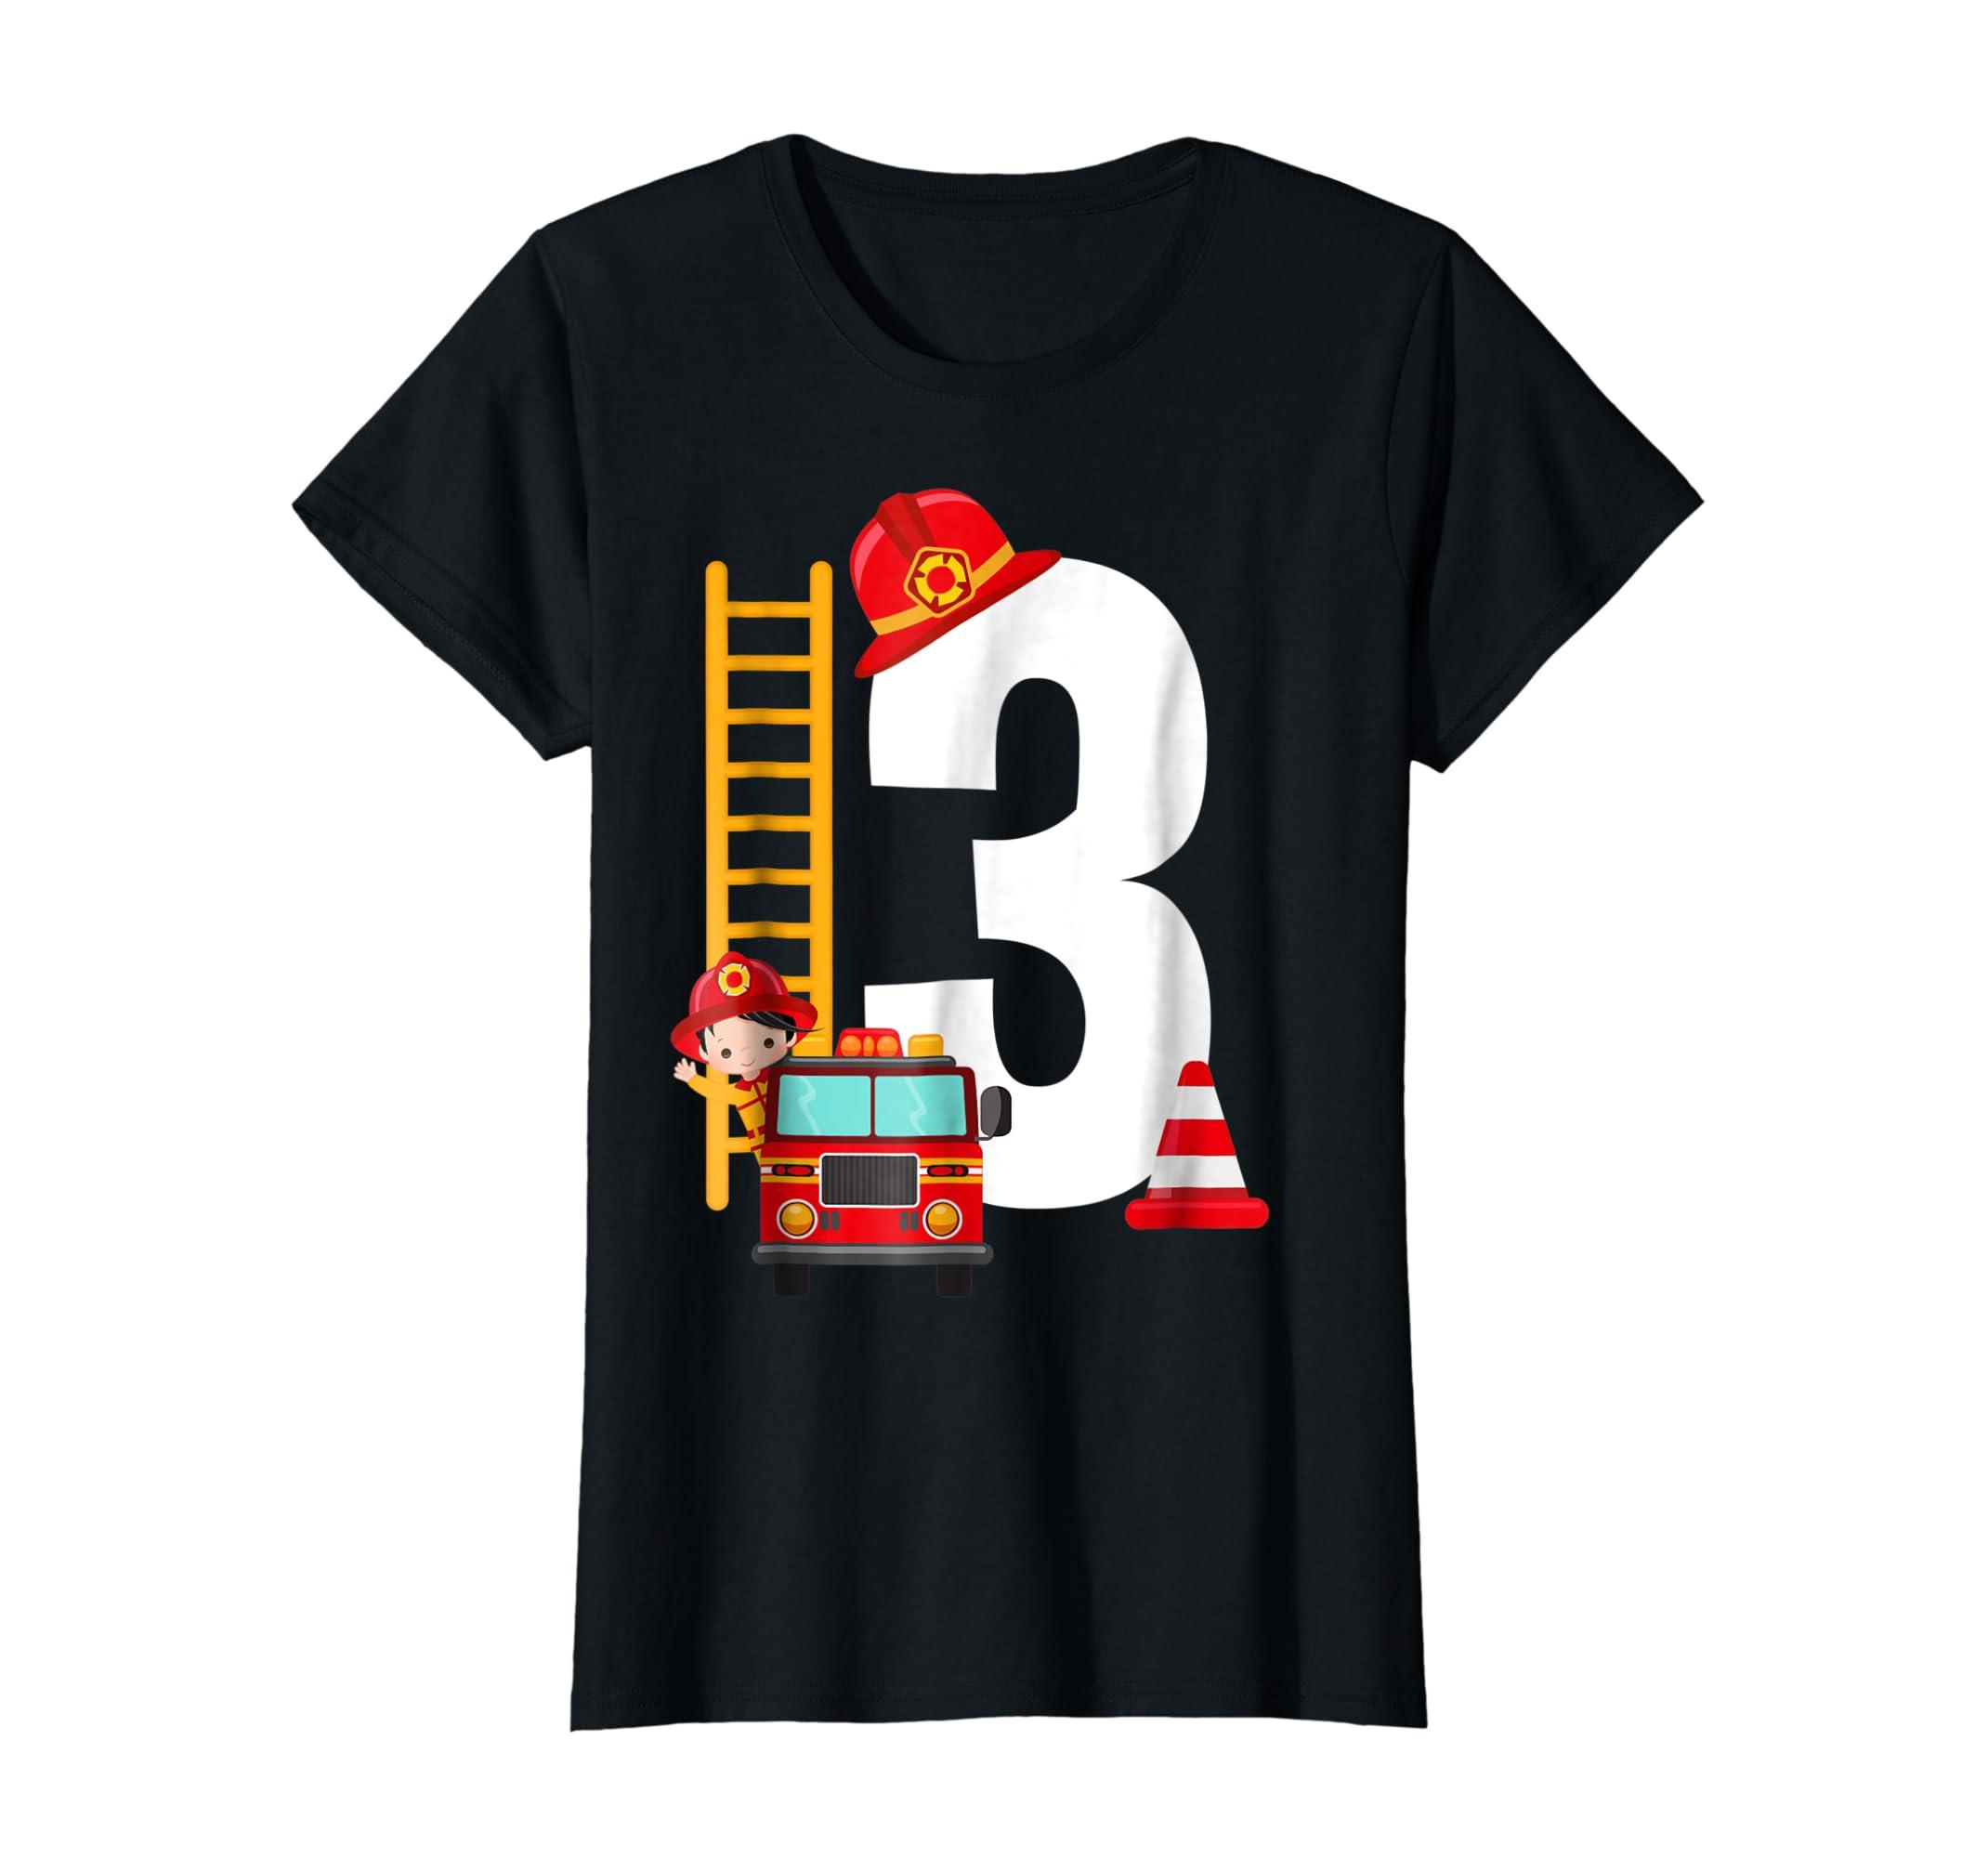 Kids 3rd Birthday Party Fire Truck Toddler T Shirt-Women's T-Shirt-Black